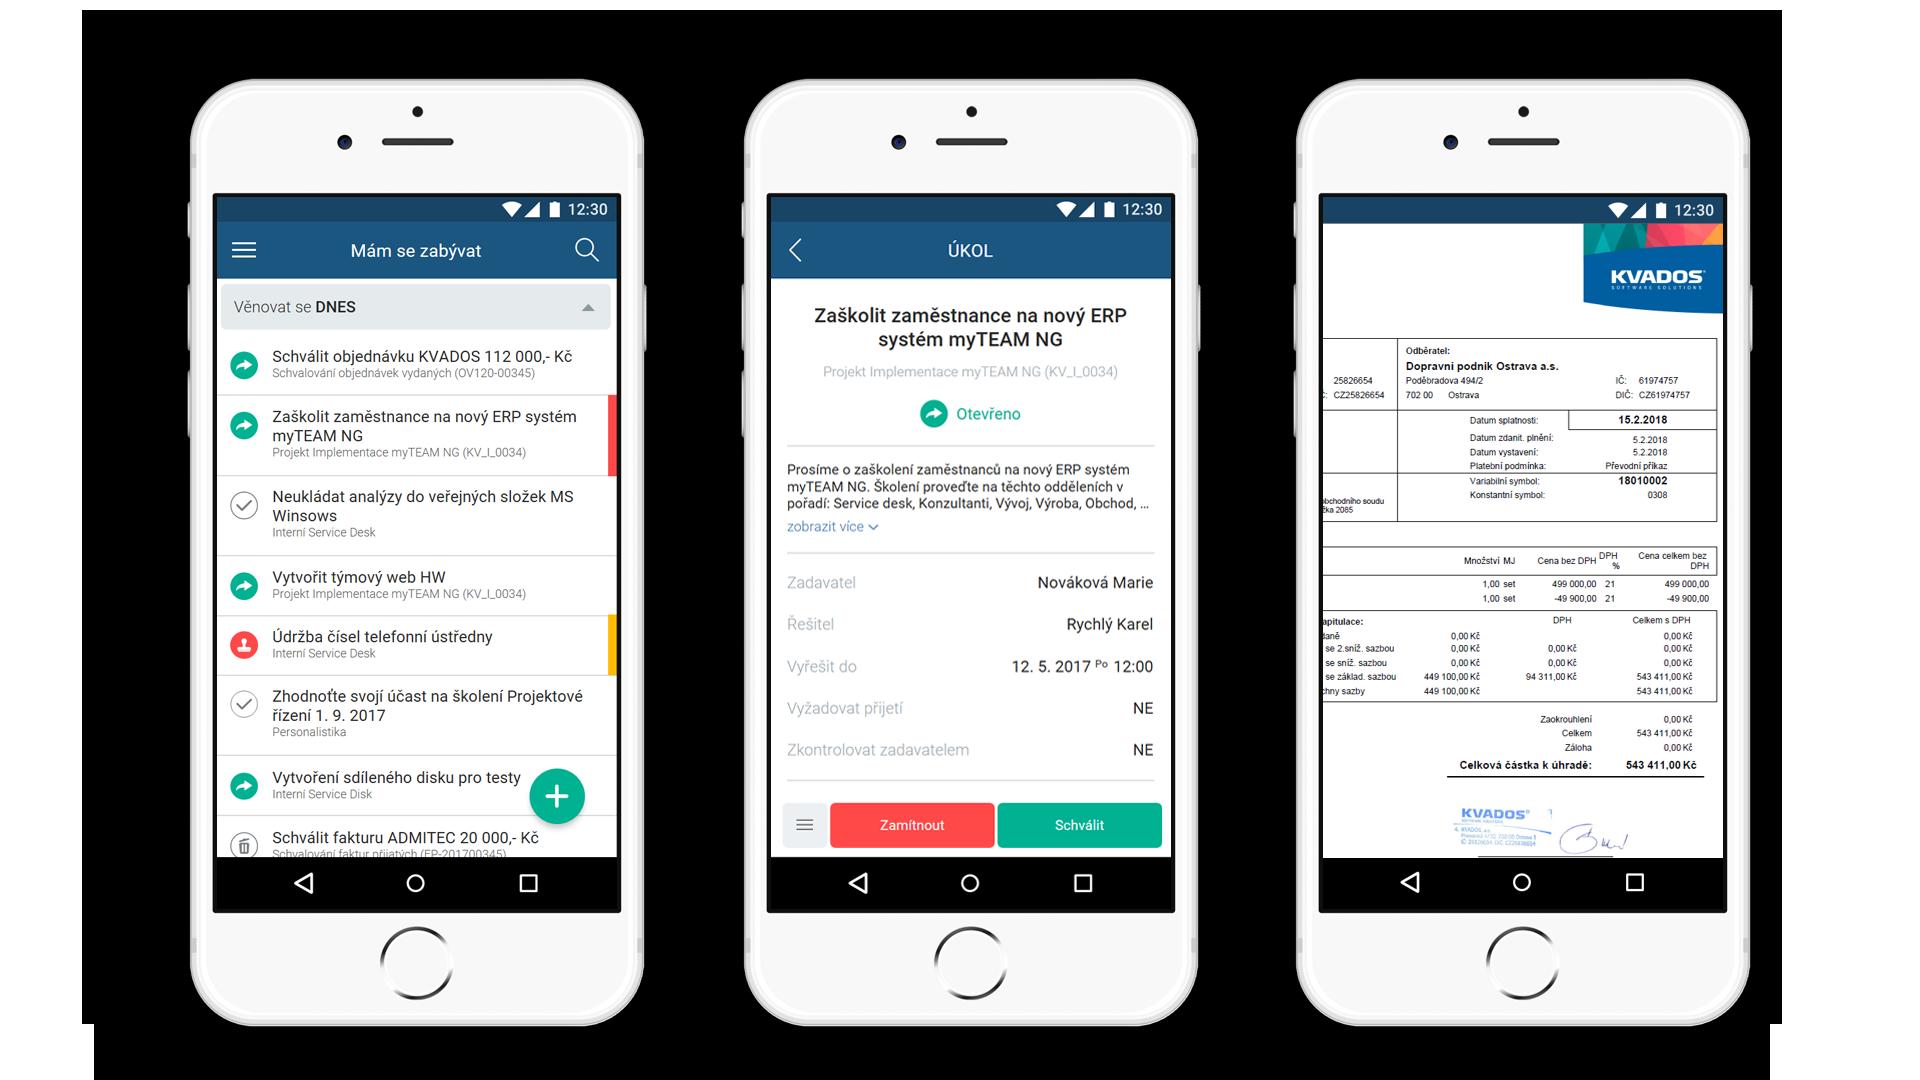 myTEAM | Přehled úkolů a detail na mobilním zařízení včetně schvalování.